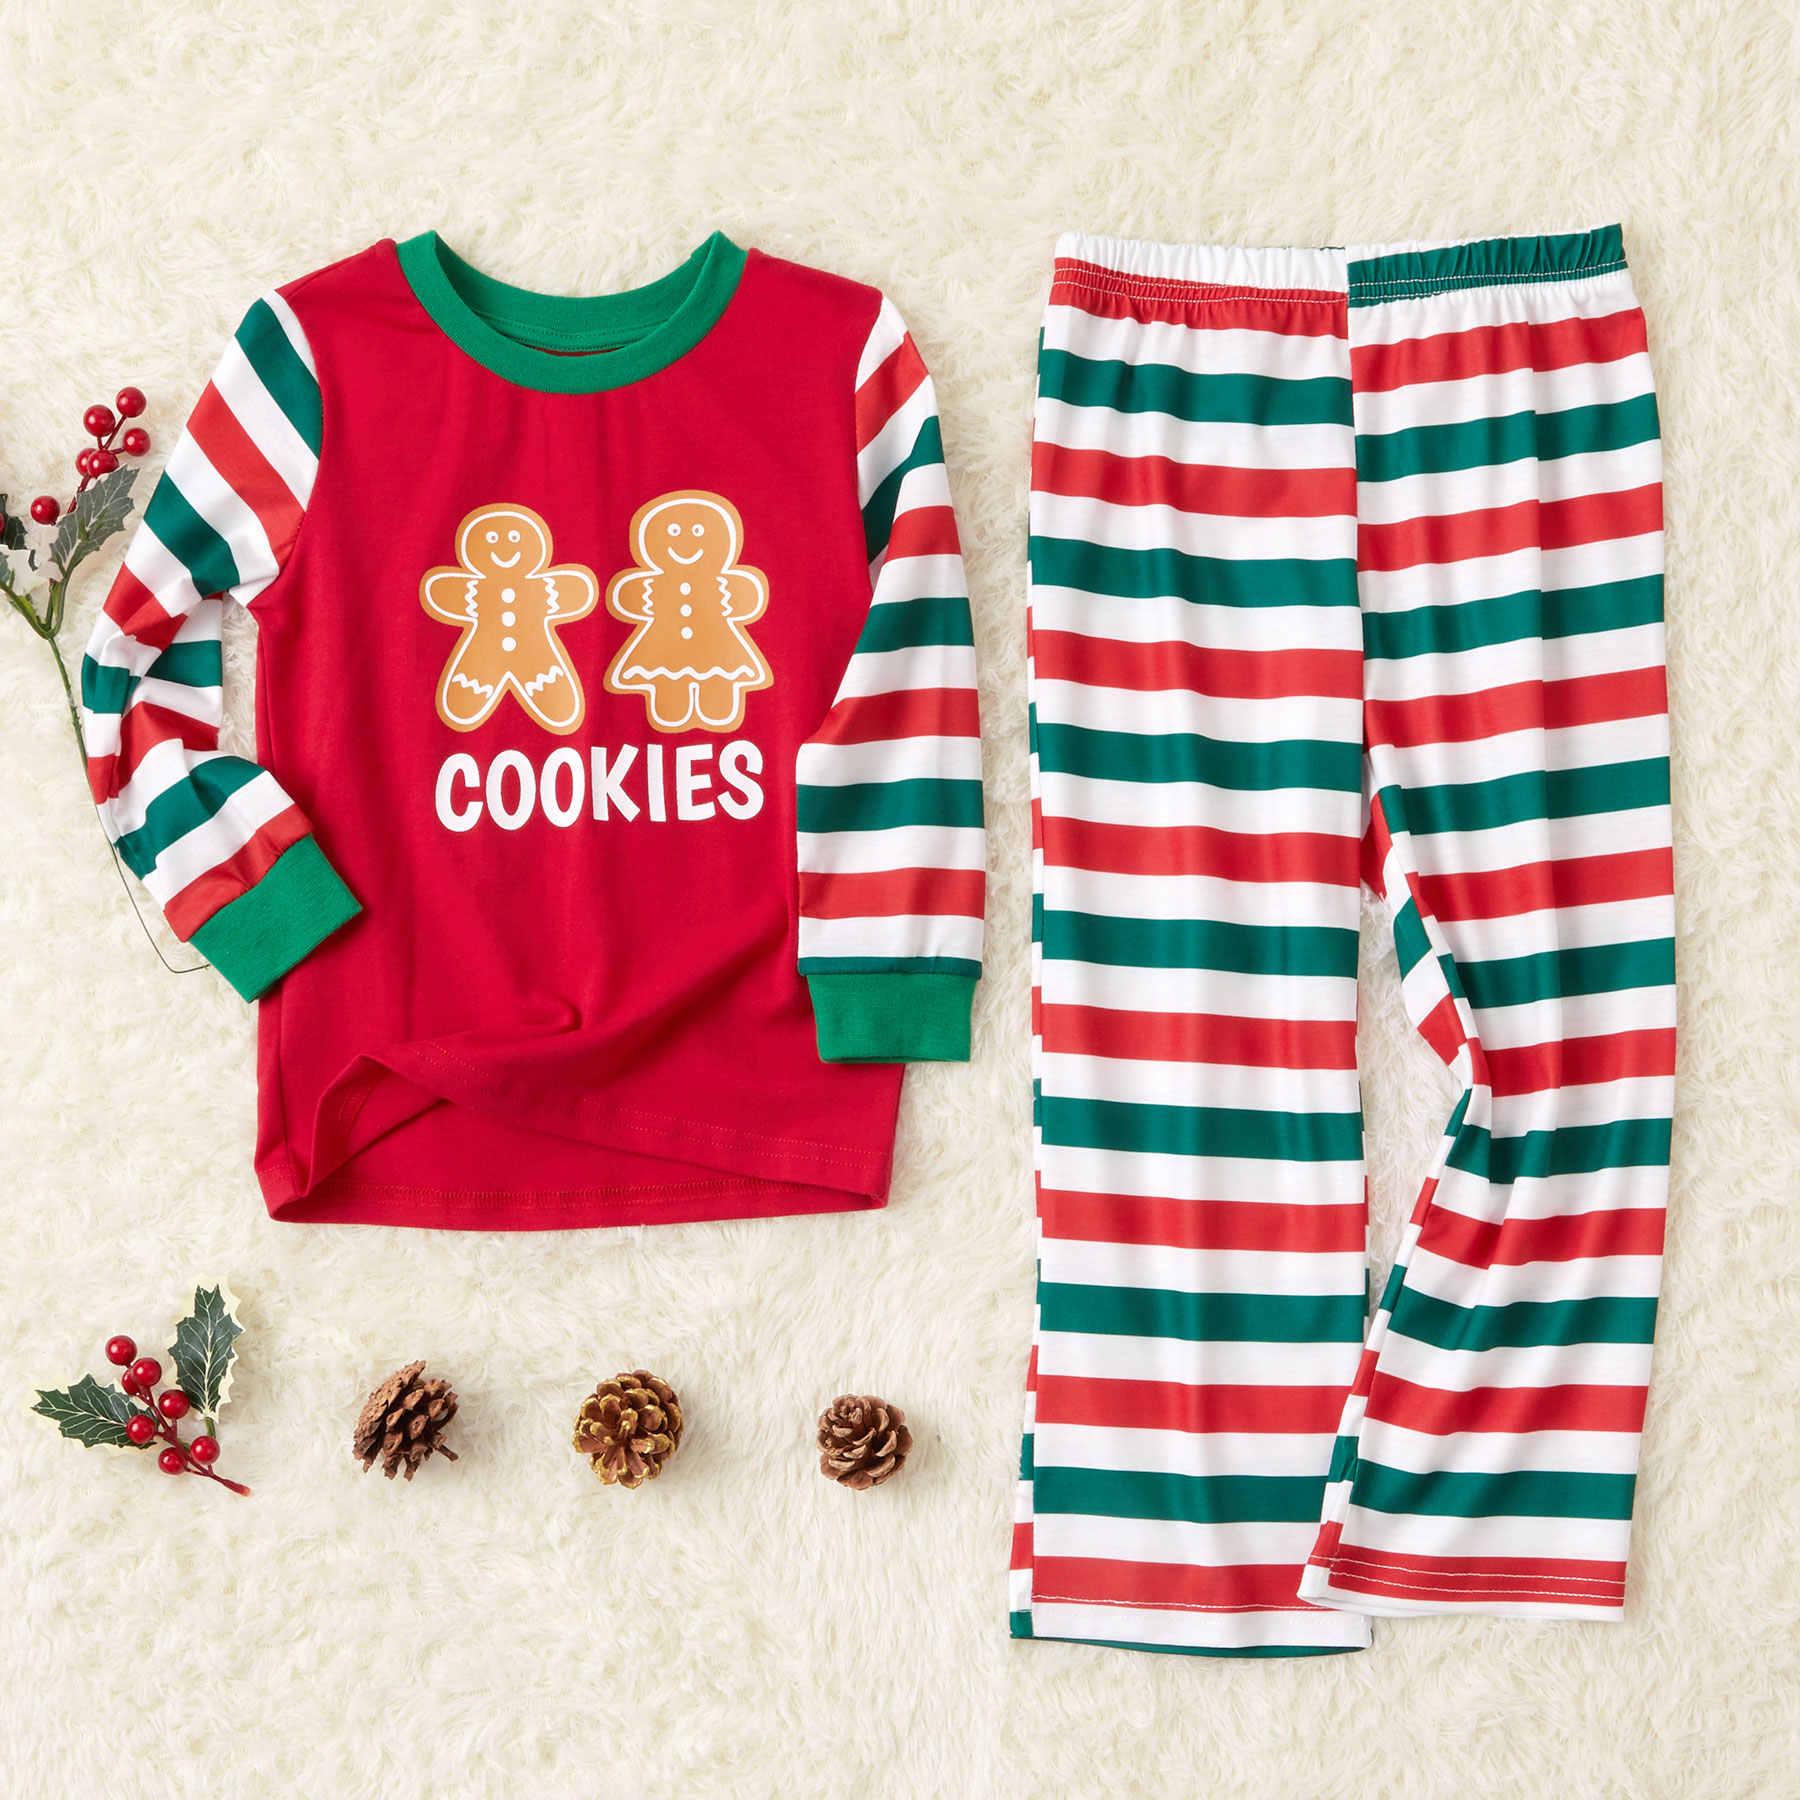 Pijama Rojo Navideño A Juego Con Pan De Jengibre Algodón Invierno Rayas Dibujo Animado Galleta Hombre Ocio Trajes Iguales De Familia Aliexpress